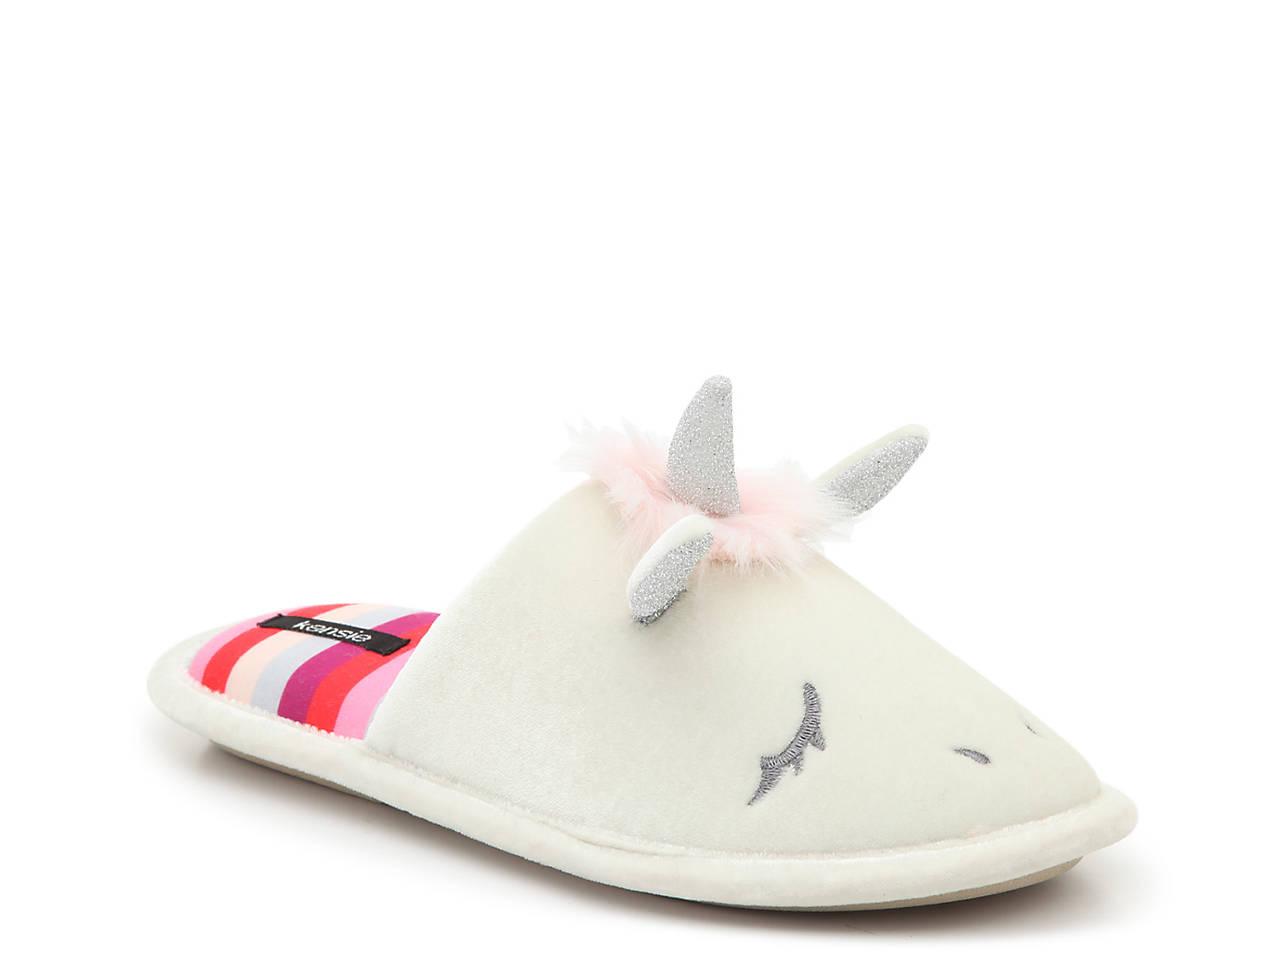 b1ce906165f Kensie Unicorn Scuff Slipper Women s Shoes